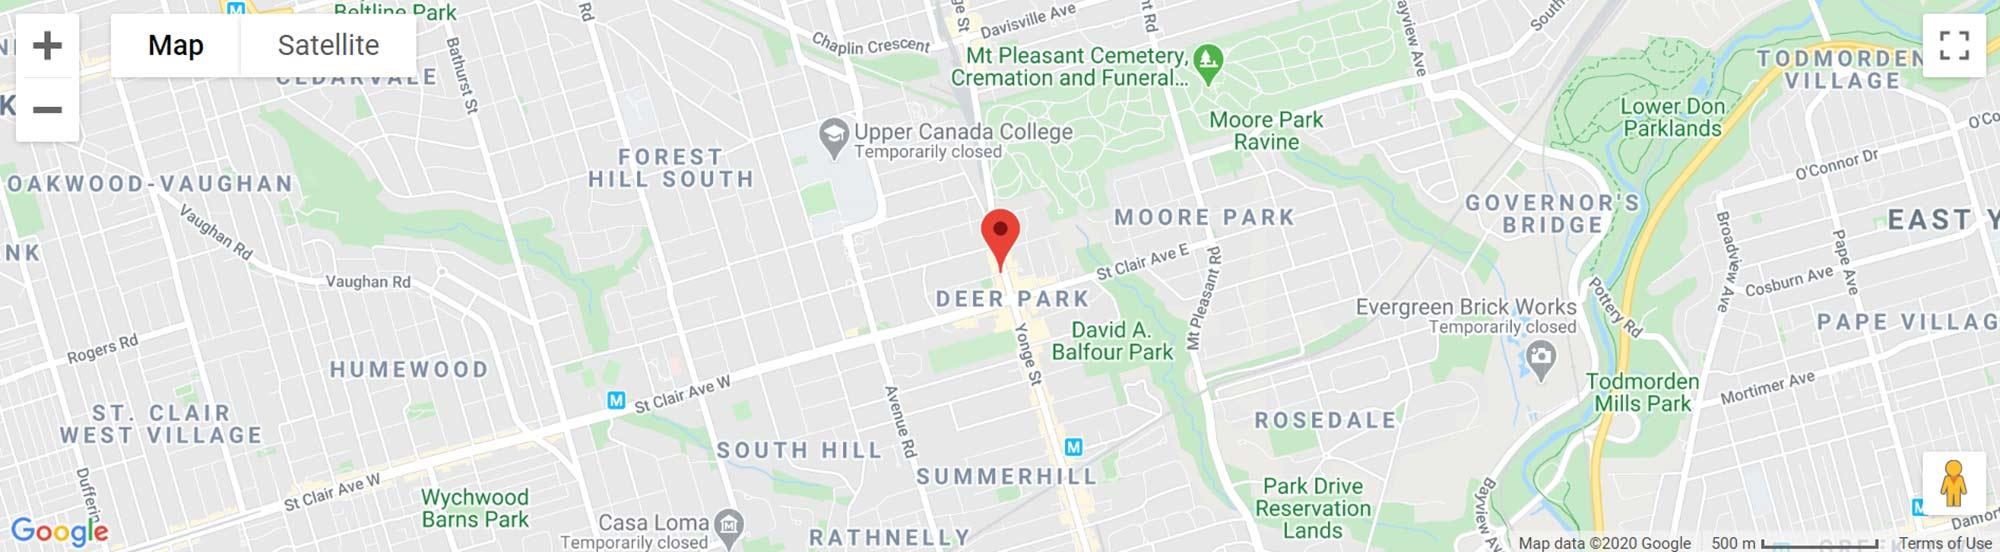 One Delisle Condos Toronto map